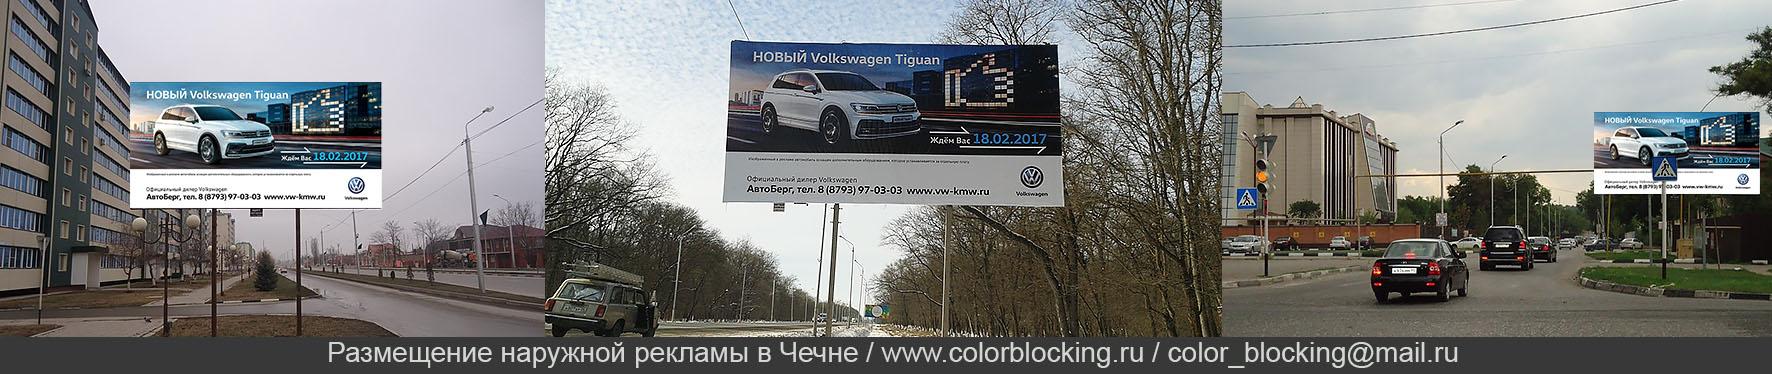 Реклама наружная в Грозном места